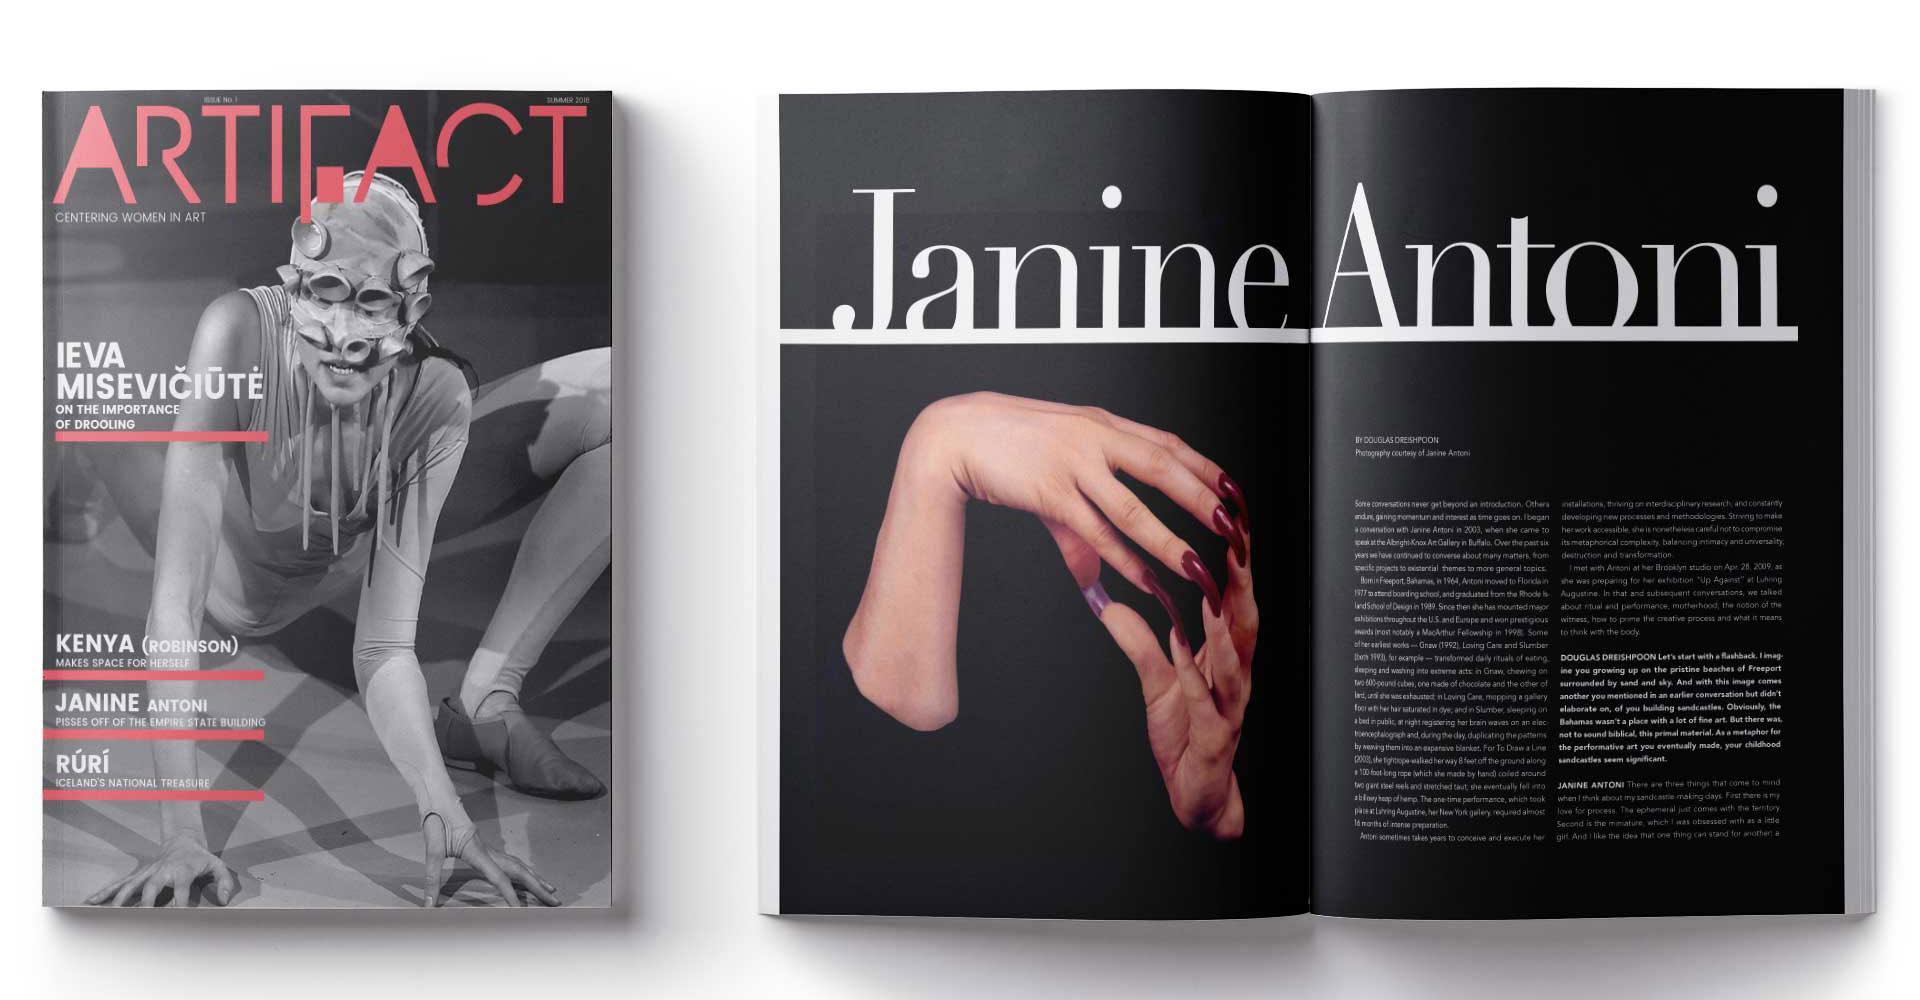 Artifact Magazine